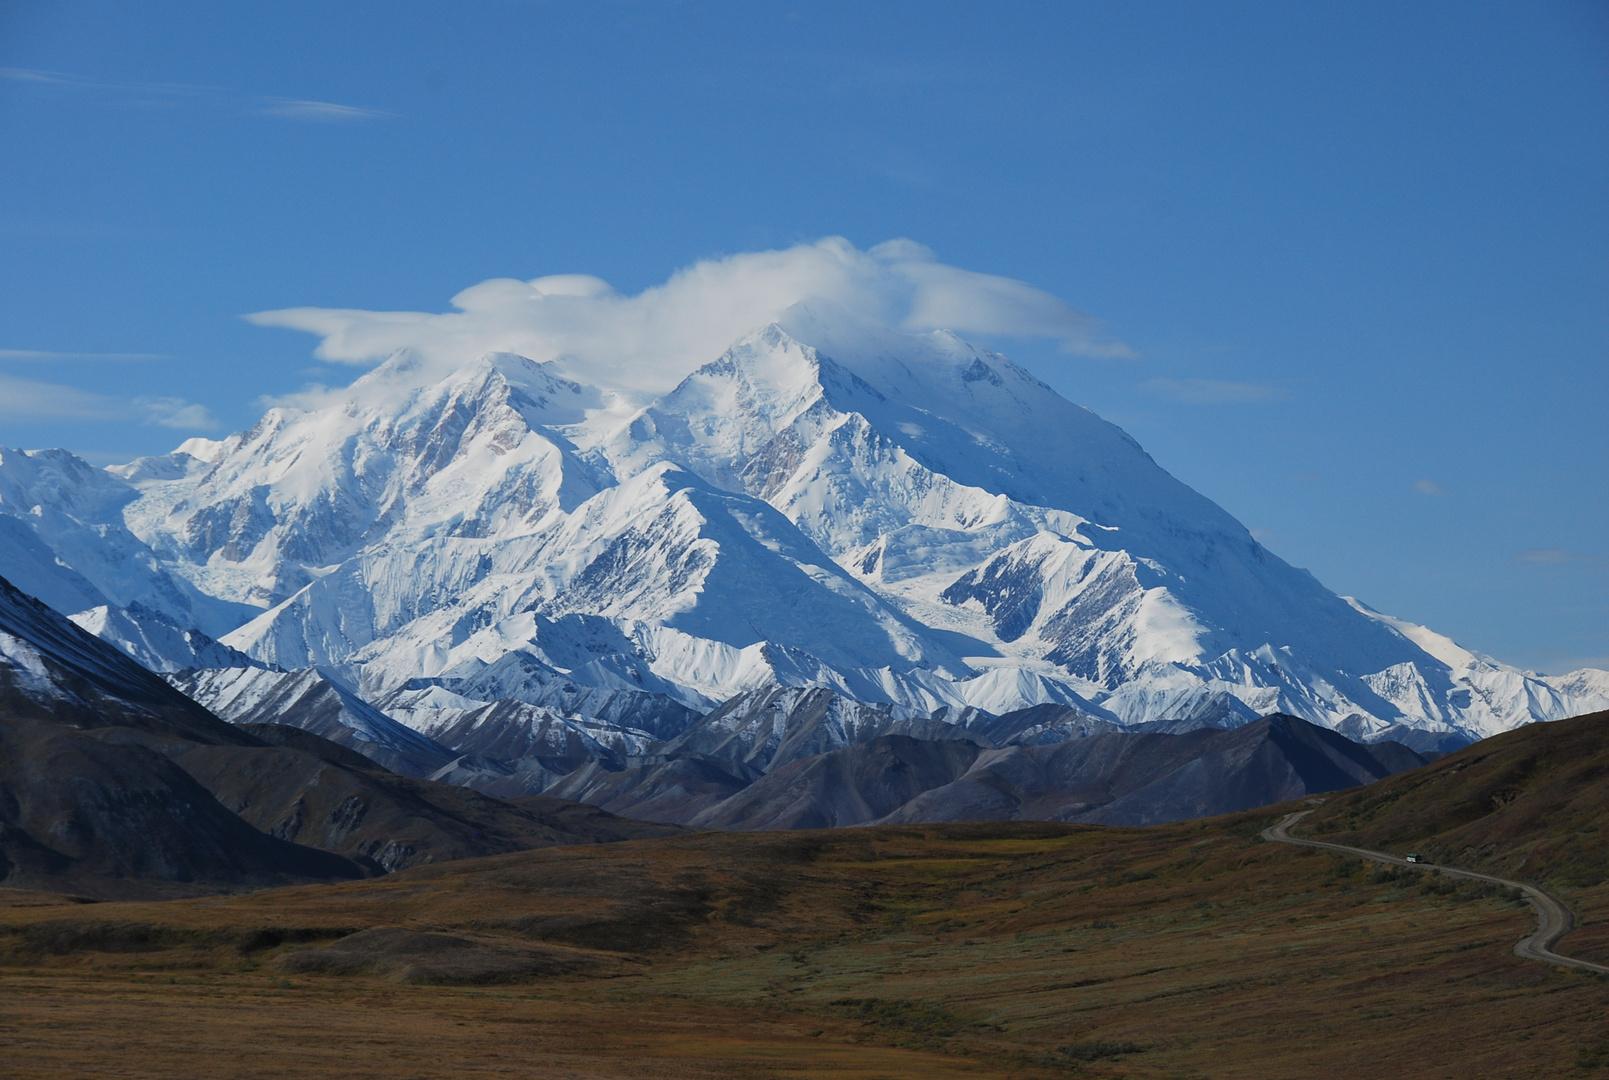 Mount McKinley im Denali National Park